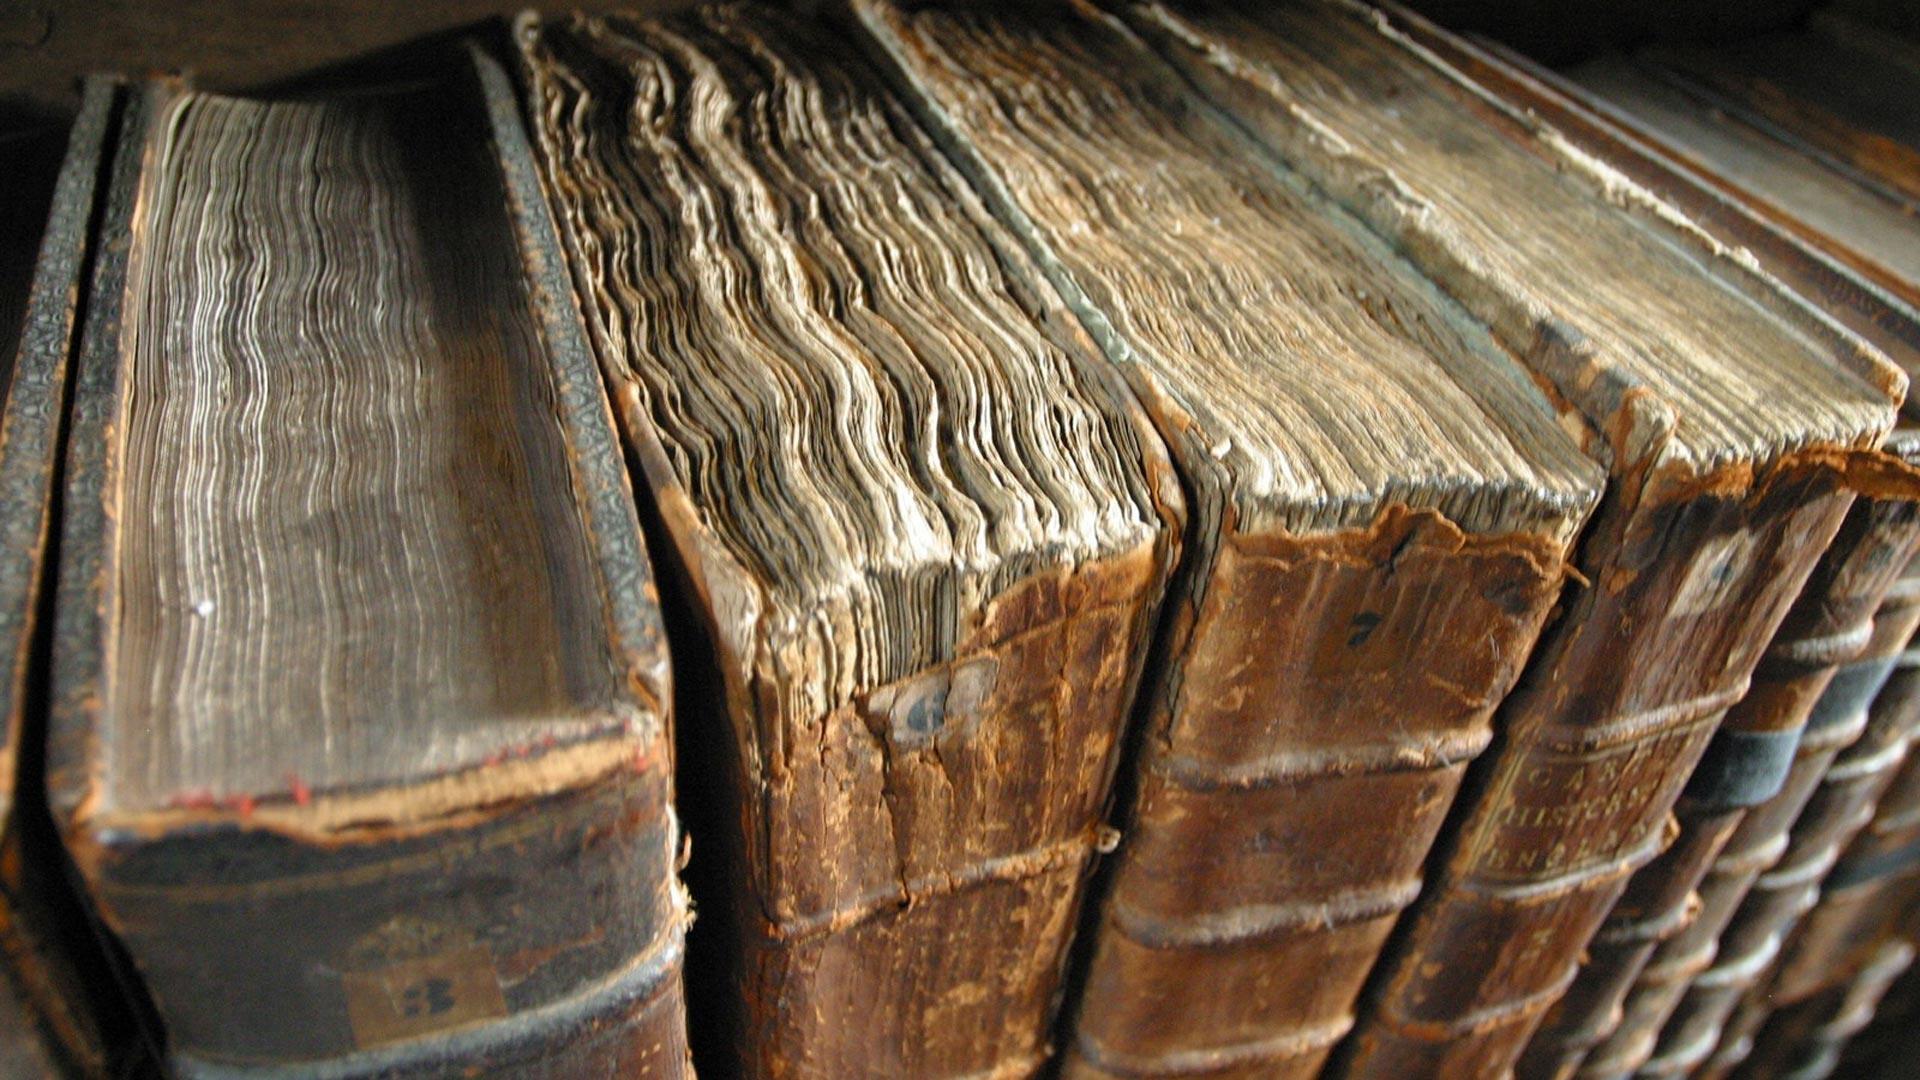 Books Wallpaper books computer wallpaper 49799 1680x1050 px ~ hdwallsource